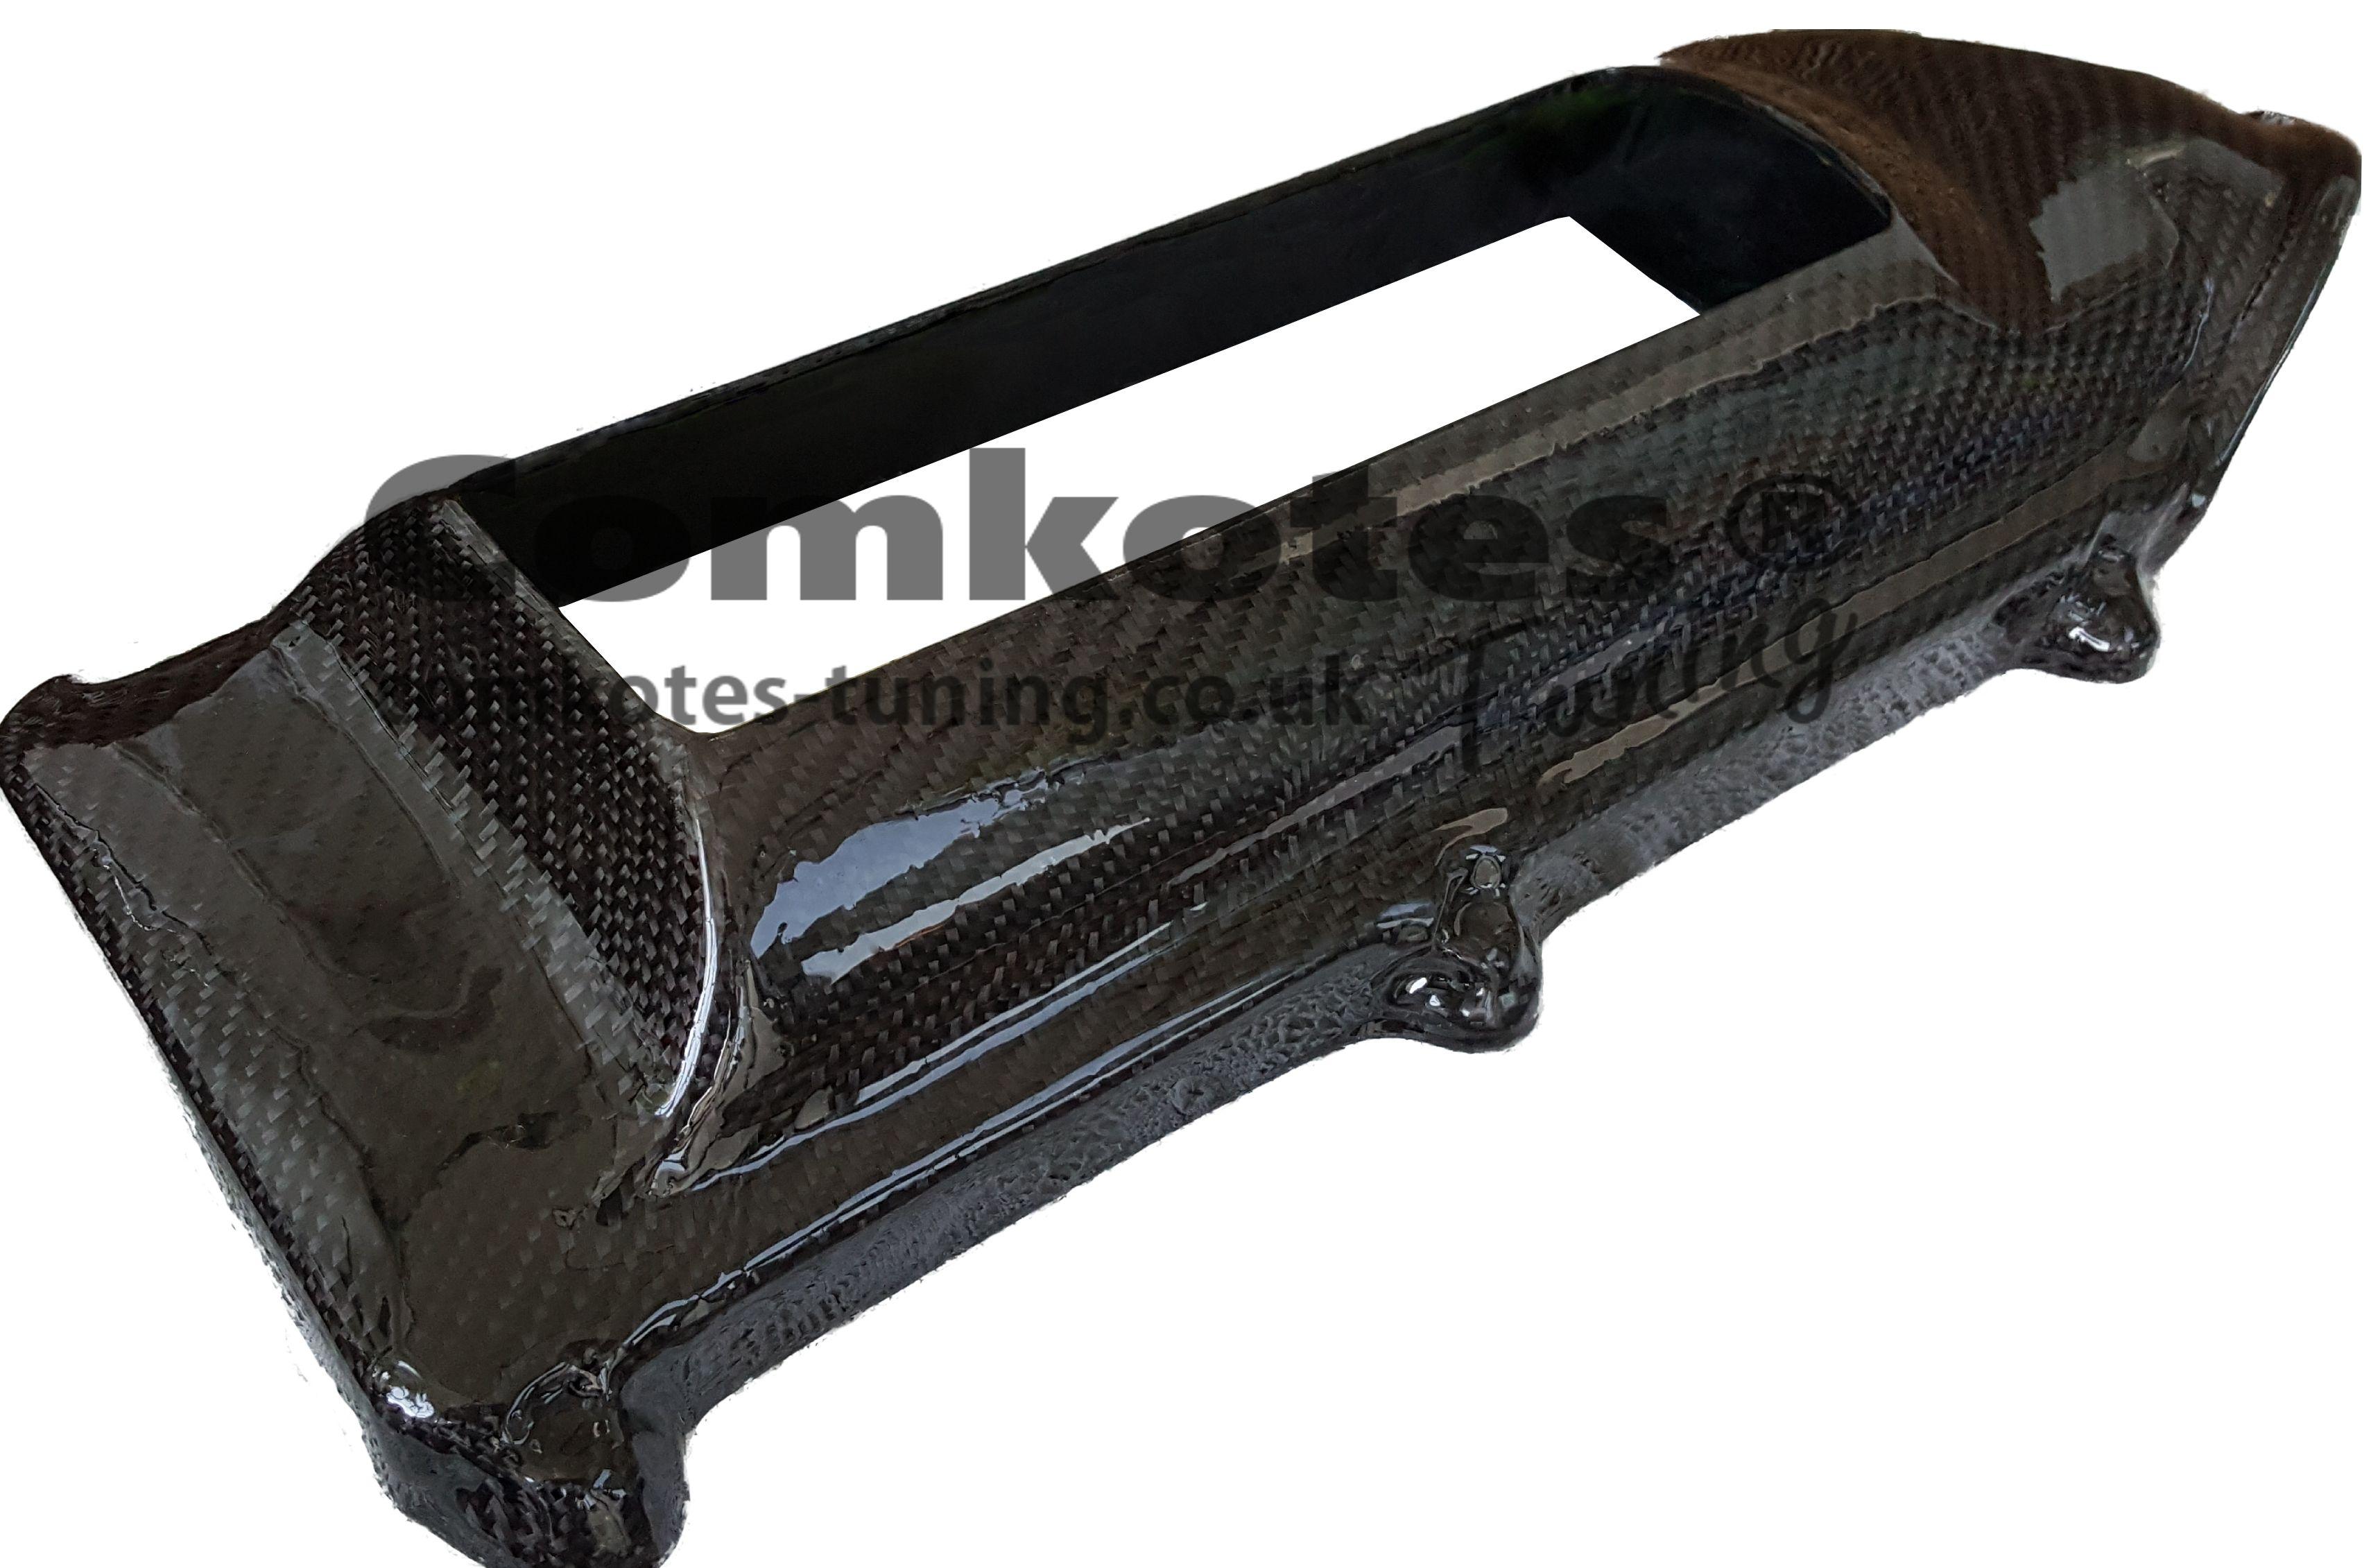 208 GTi induction kit, Carbon Fibre, Peugeot Sport, 208 GTi